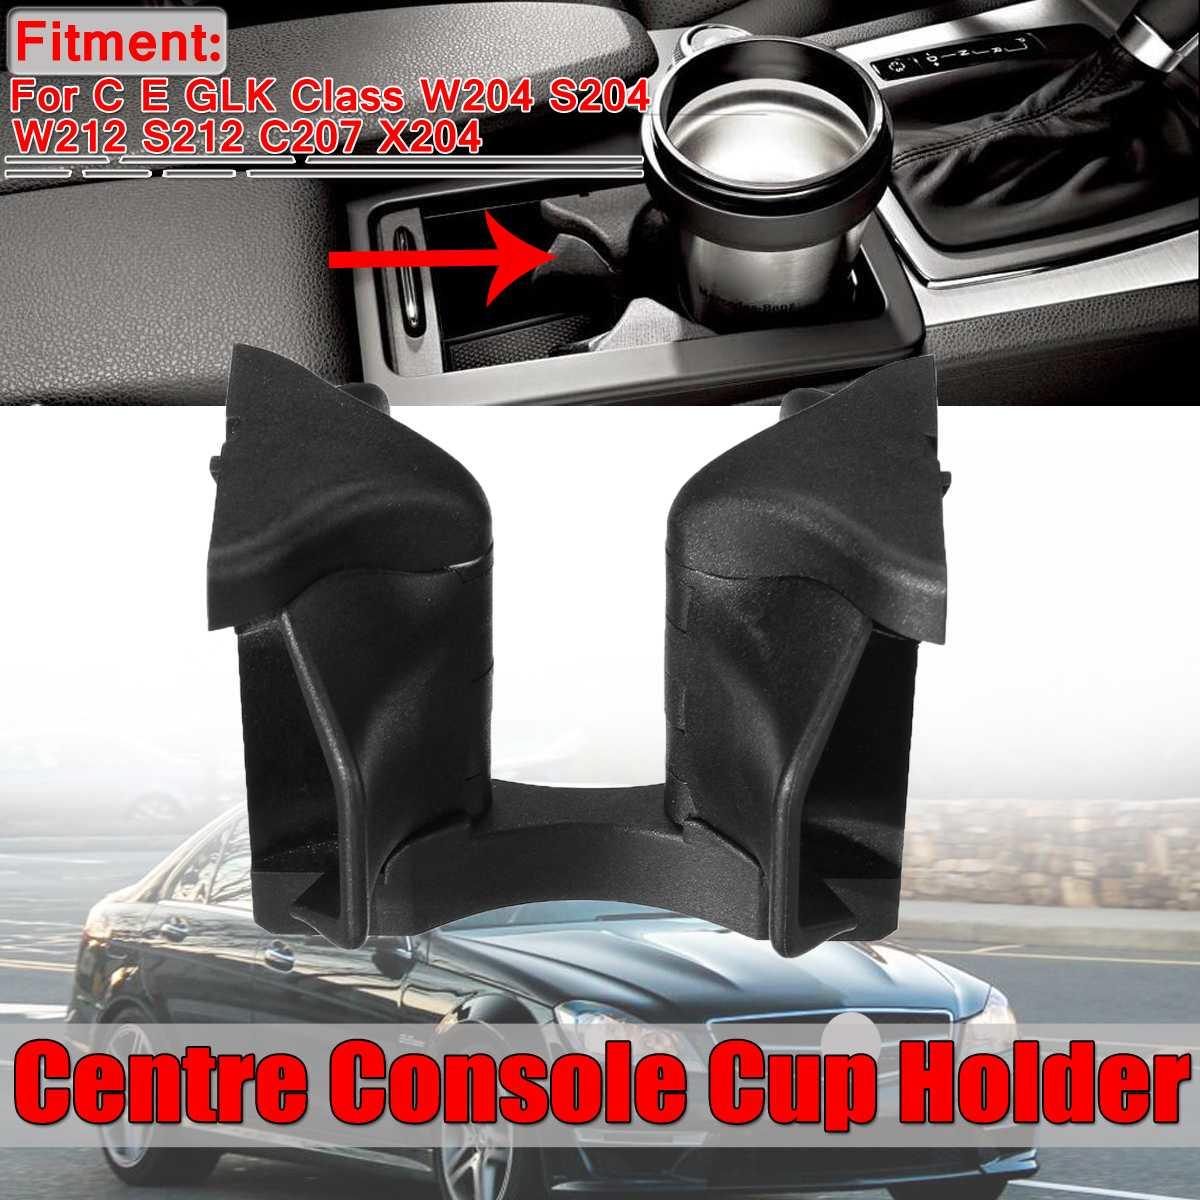 Nueva consola central de coche W204 soporte para copas para Mercedes C E clase W204 S204 W212 S212 C207 GLK clase X204 A2046802391